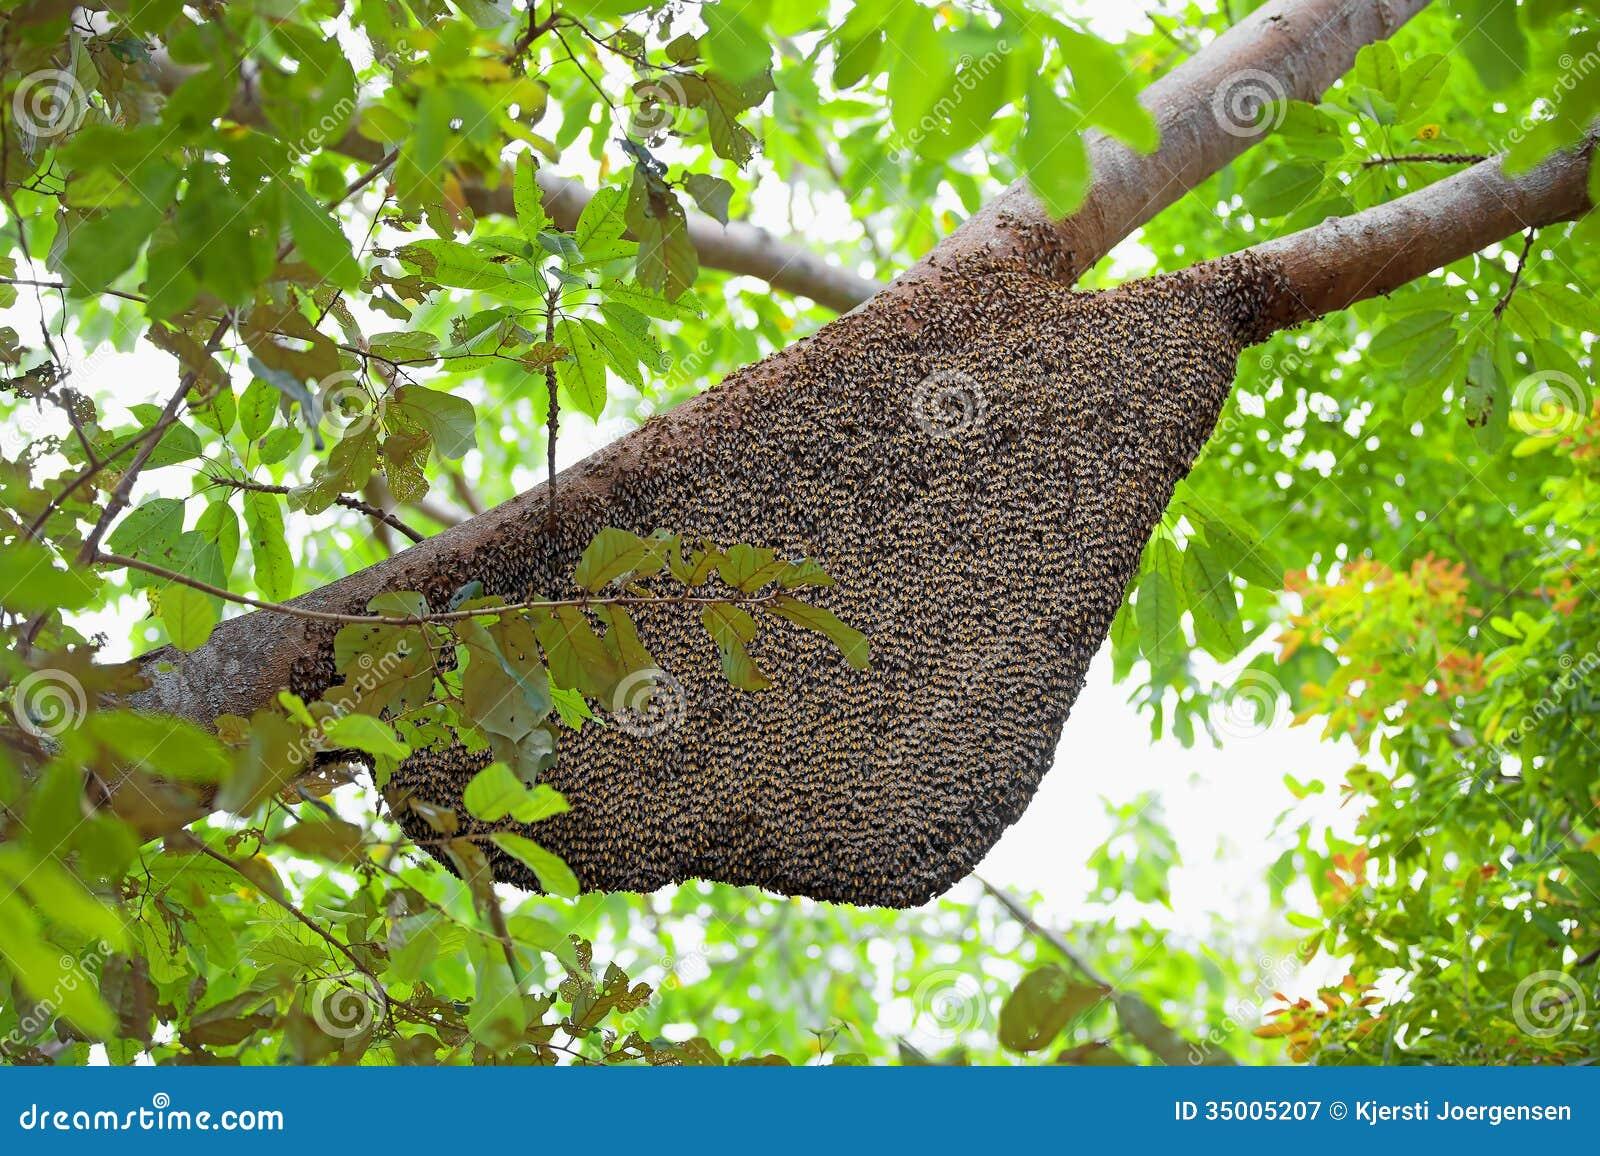 El juego de las palabras encadenadas-https://thumbs.dreamstime.com/z/natural-beehive-large-hanging-tree-35005207.jpg